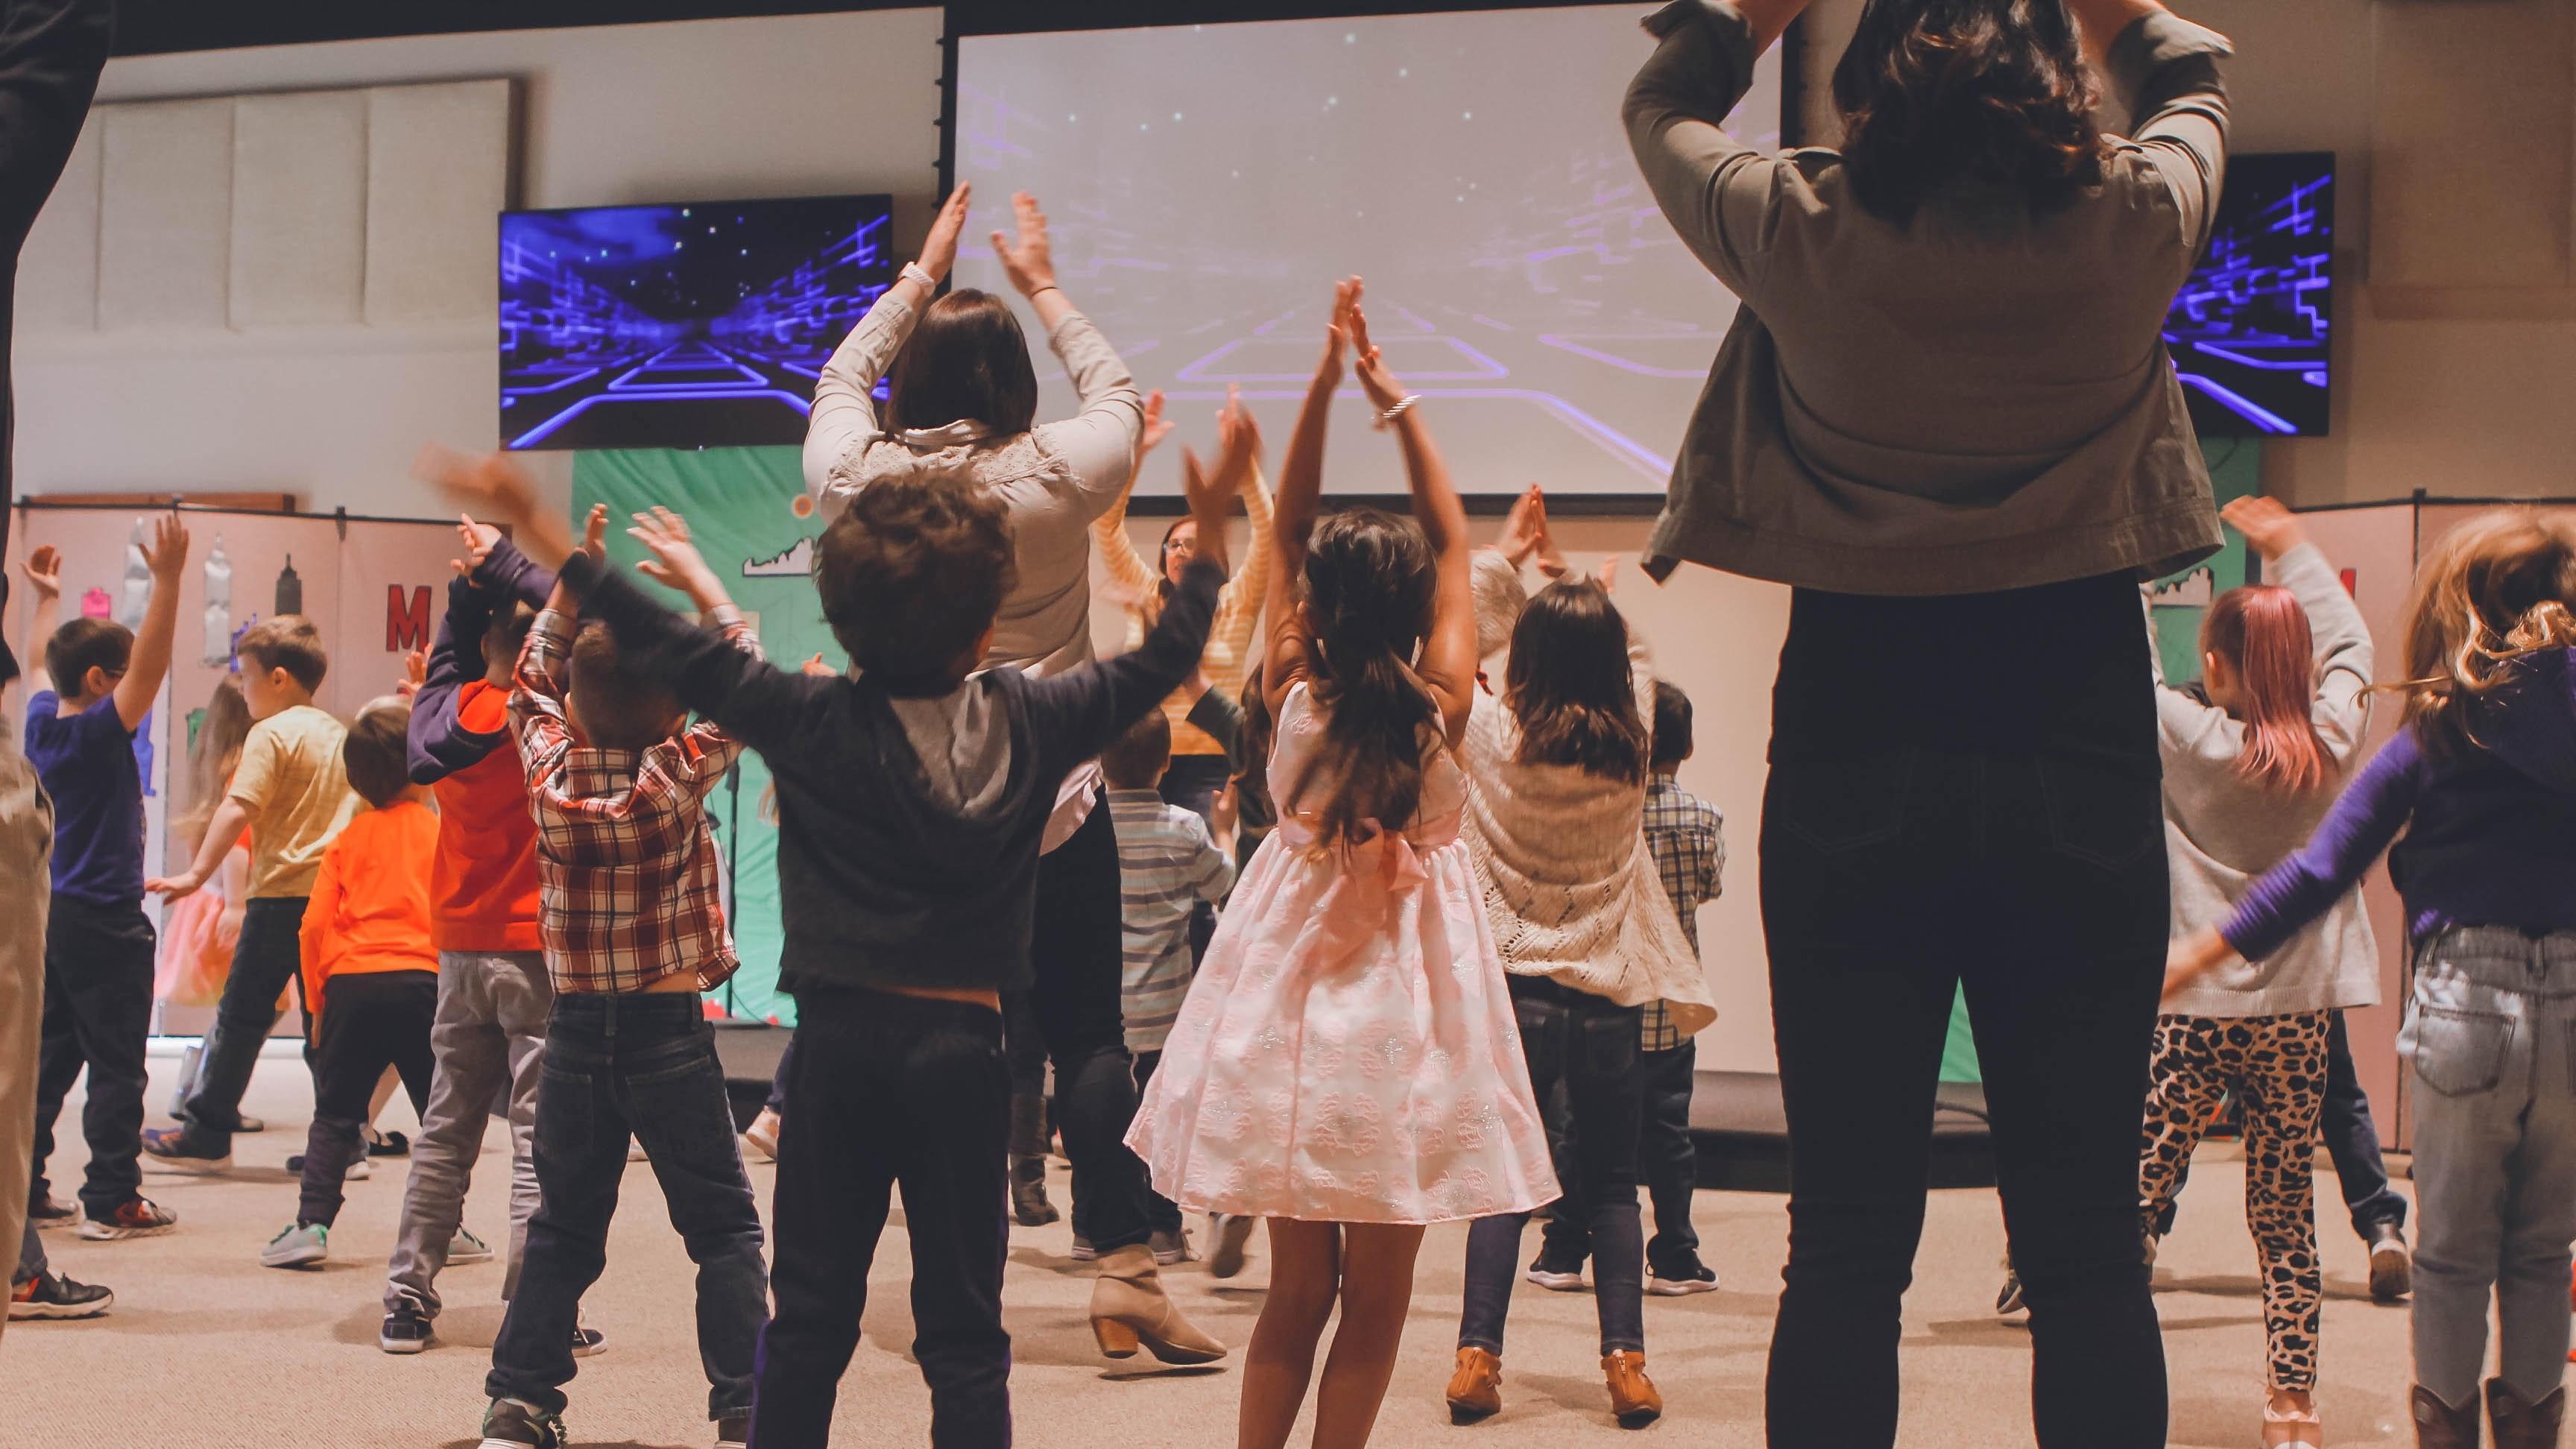 Das gemeinsame Tanzen mit Kindern hat viele Vorteile für die Entwicklung des Kindes.